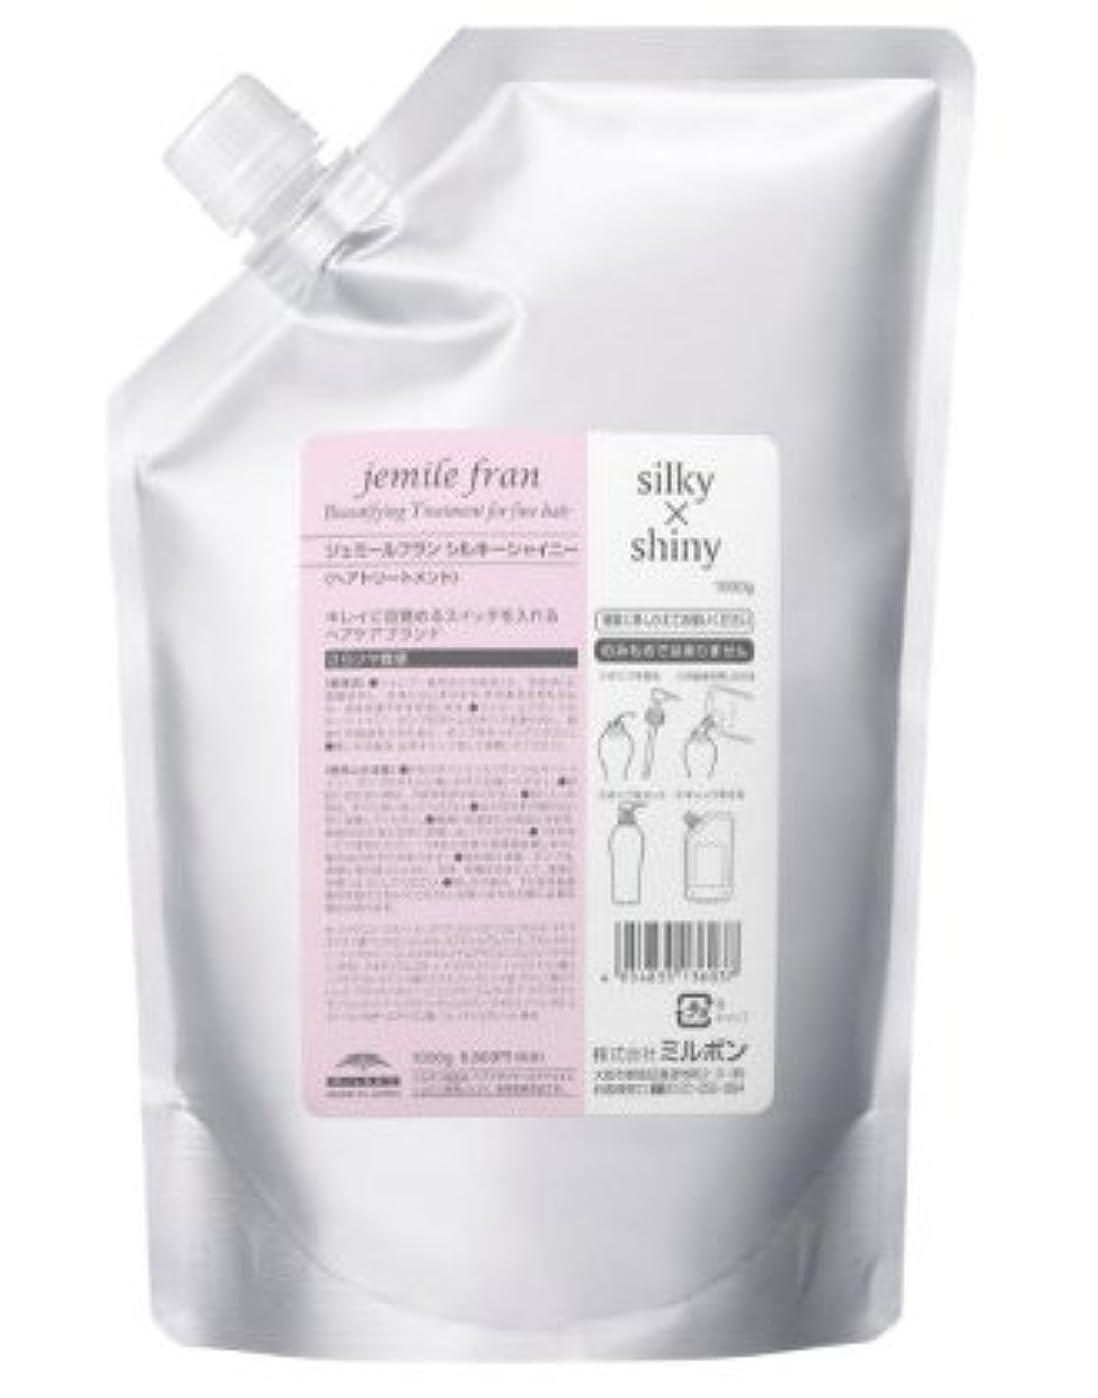 チェスサスペンド食べるミルボン ジェミールフラン トリートメント シルキー×シャイニー 1000g(レフィル)